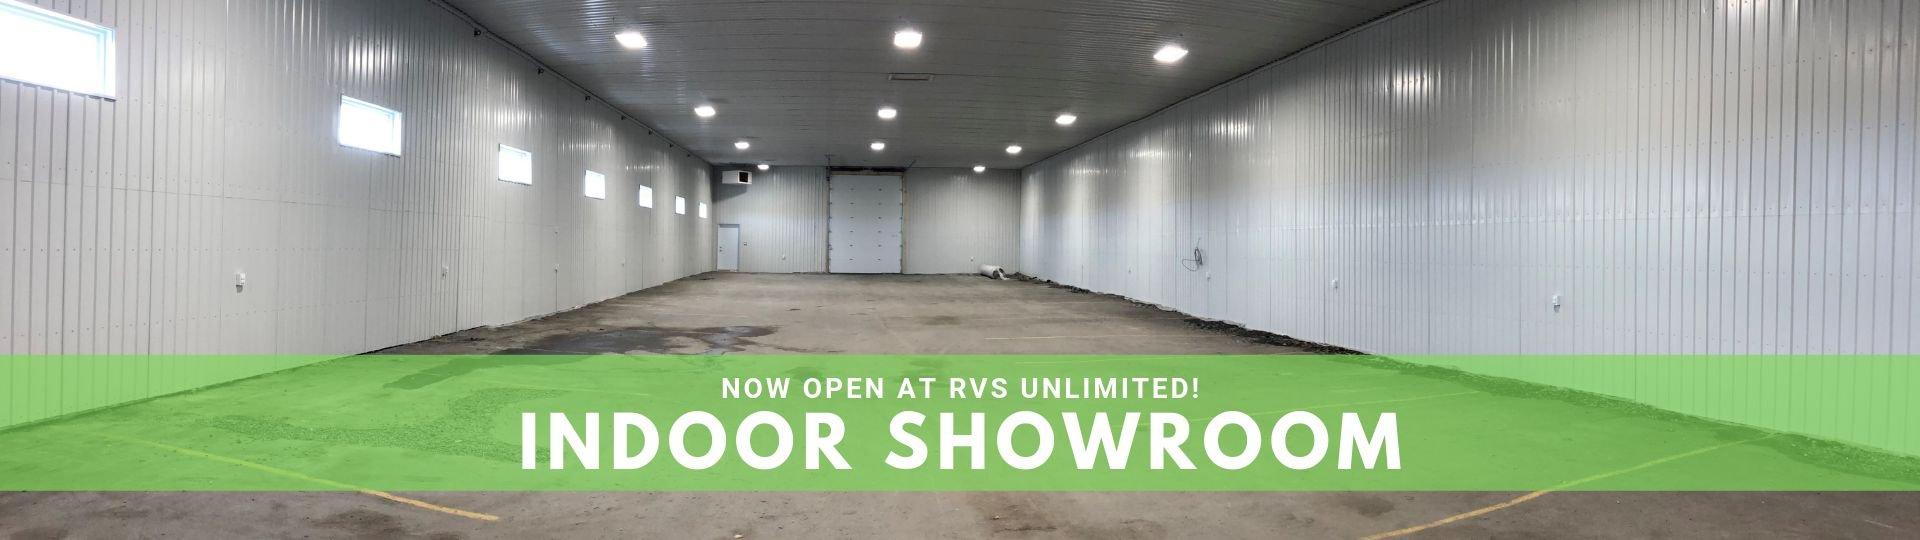 New Indoor Showroom - Slide Image